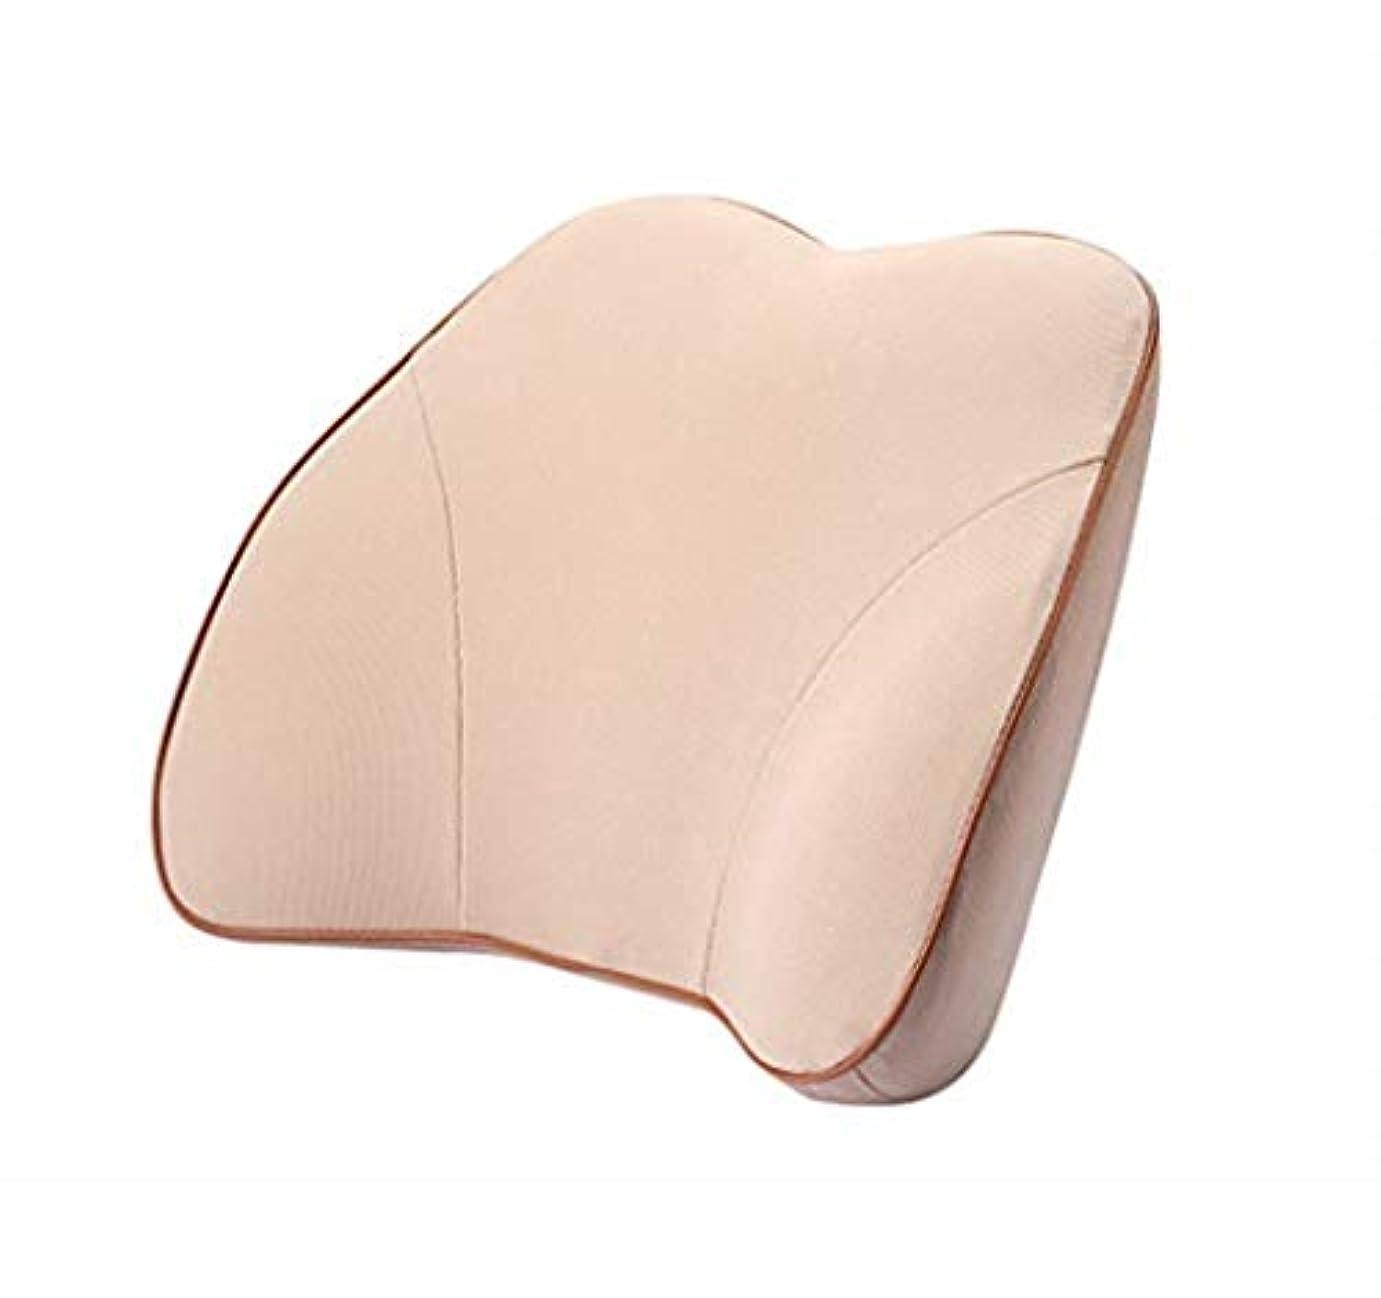 素晴らしきアセガム腰椎枕 - 100%低反発腰椎クッション - ポータブル枕 - 整形外科ウエストサポート枕 - 車のオフィスチェア - 長距離運転オフィスに適した腰痛緩和 (Color : Beige)